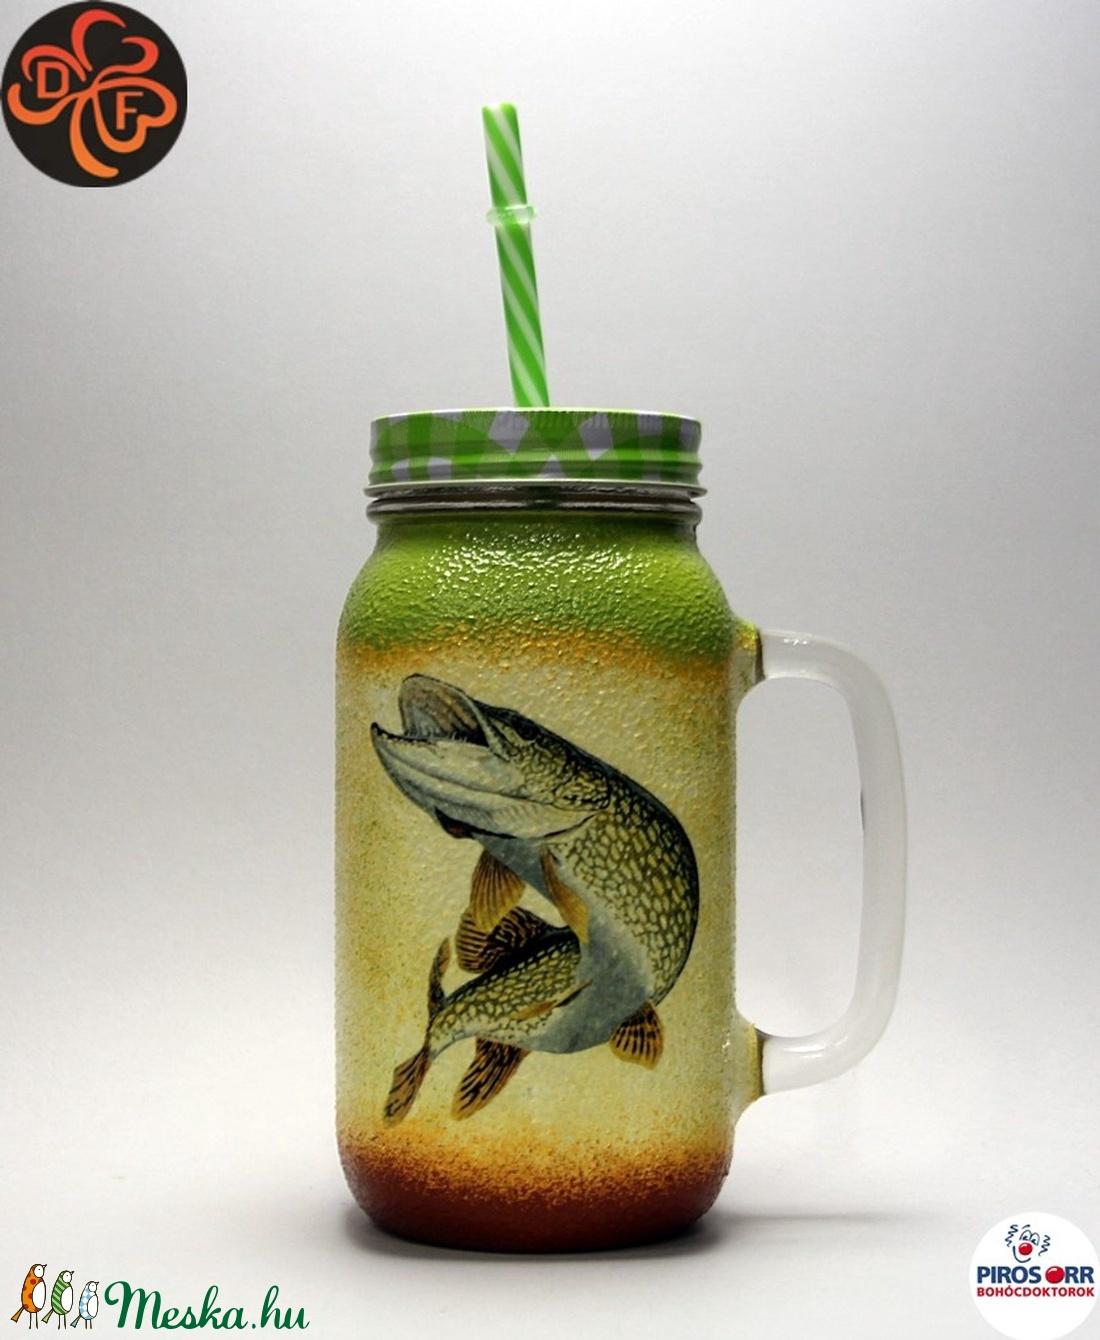 Horgász- csuka motívummal díszített -szívószálas pohár  . A horgászat szerelmeseinek . Saját fogások fotóival is ! - Meska.hu